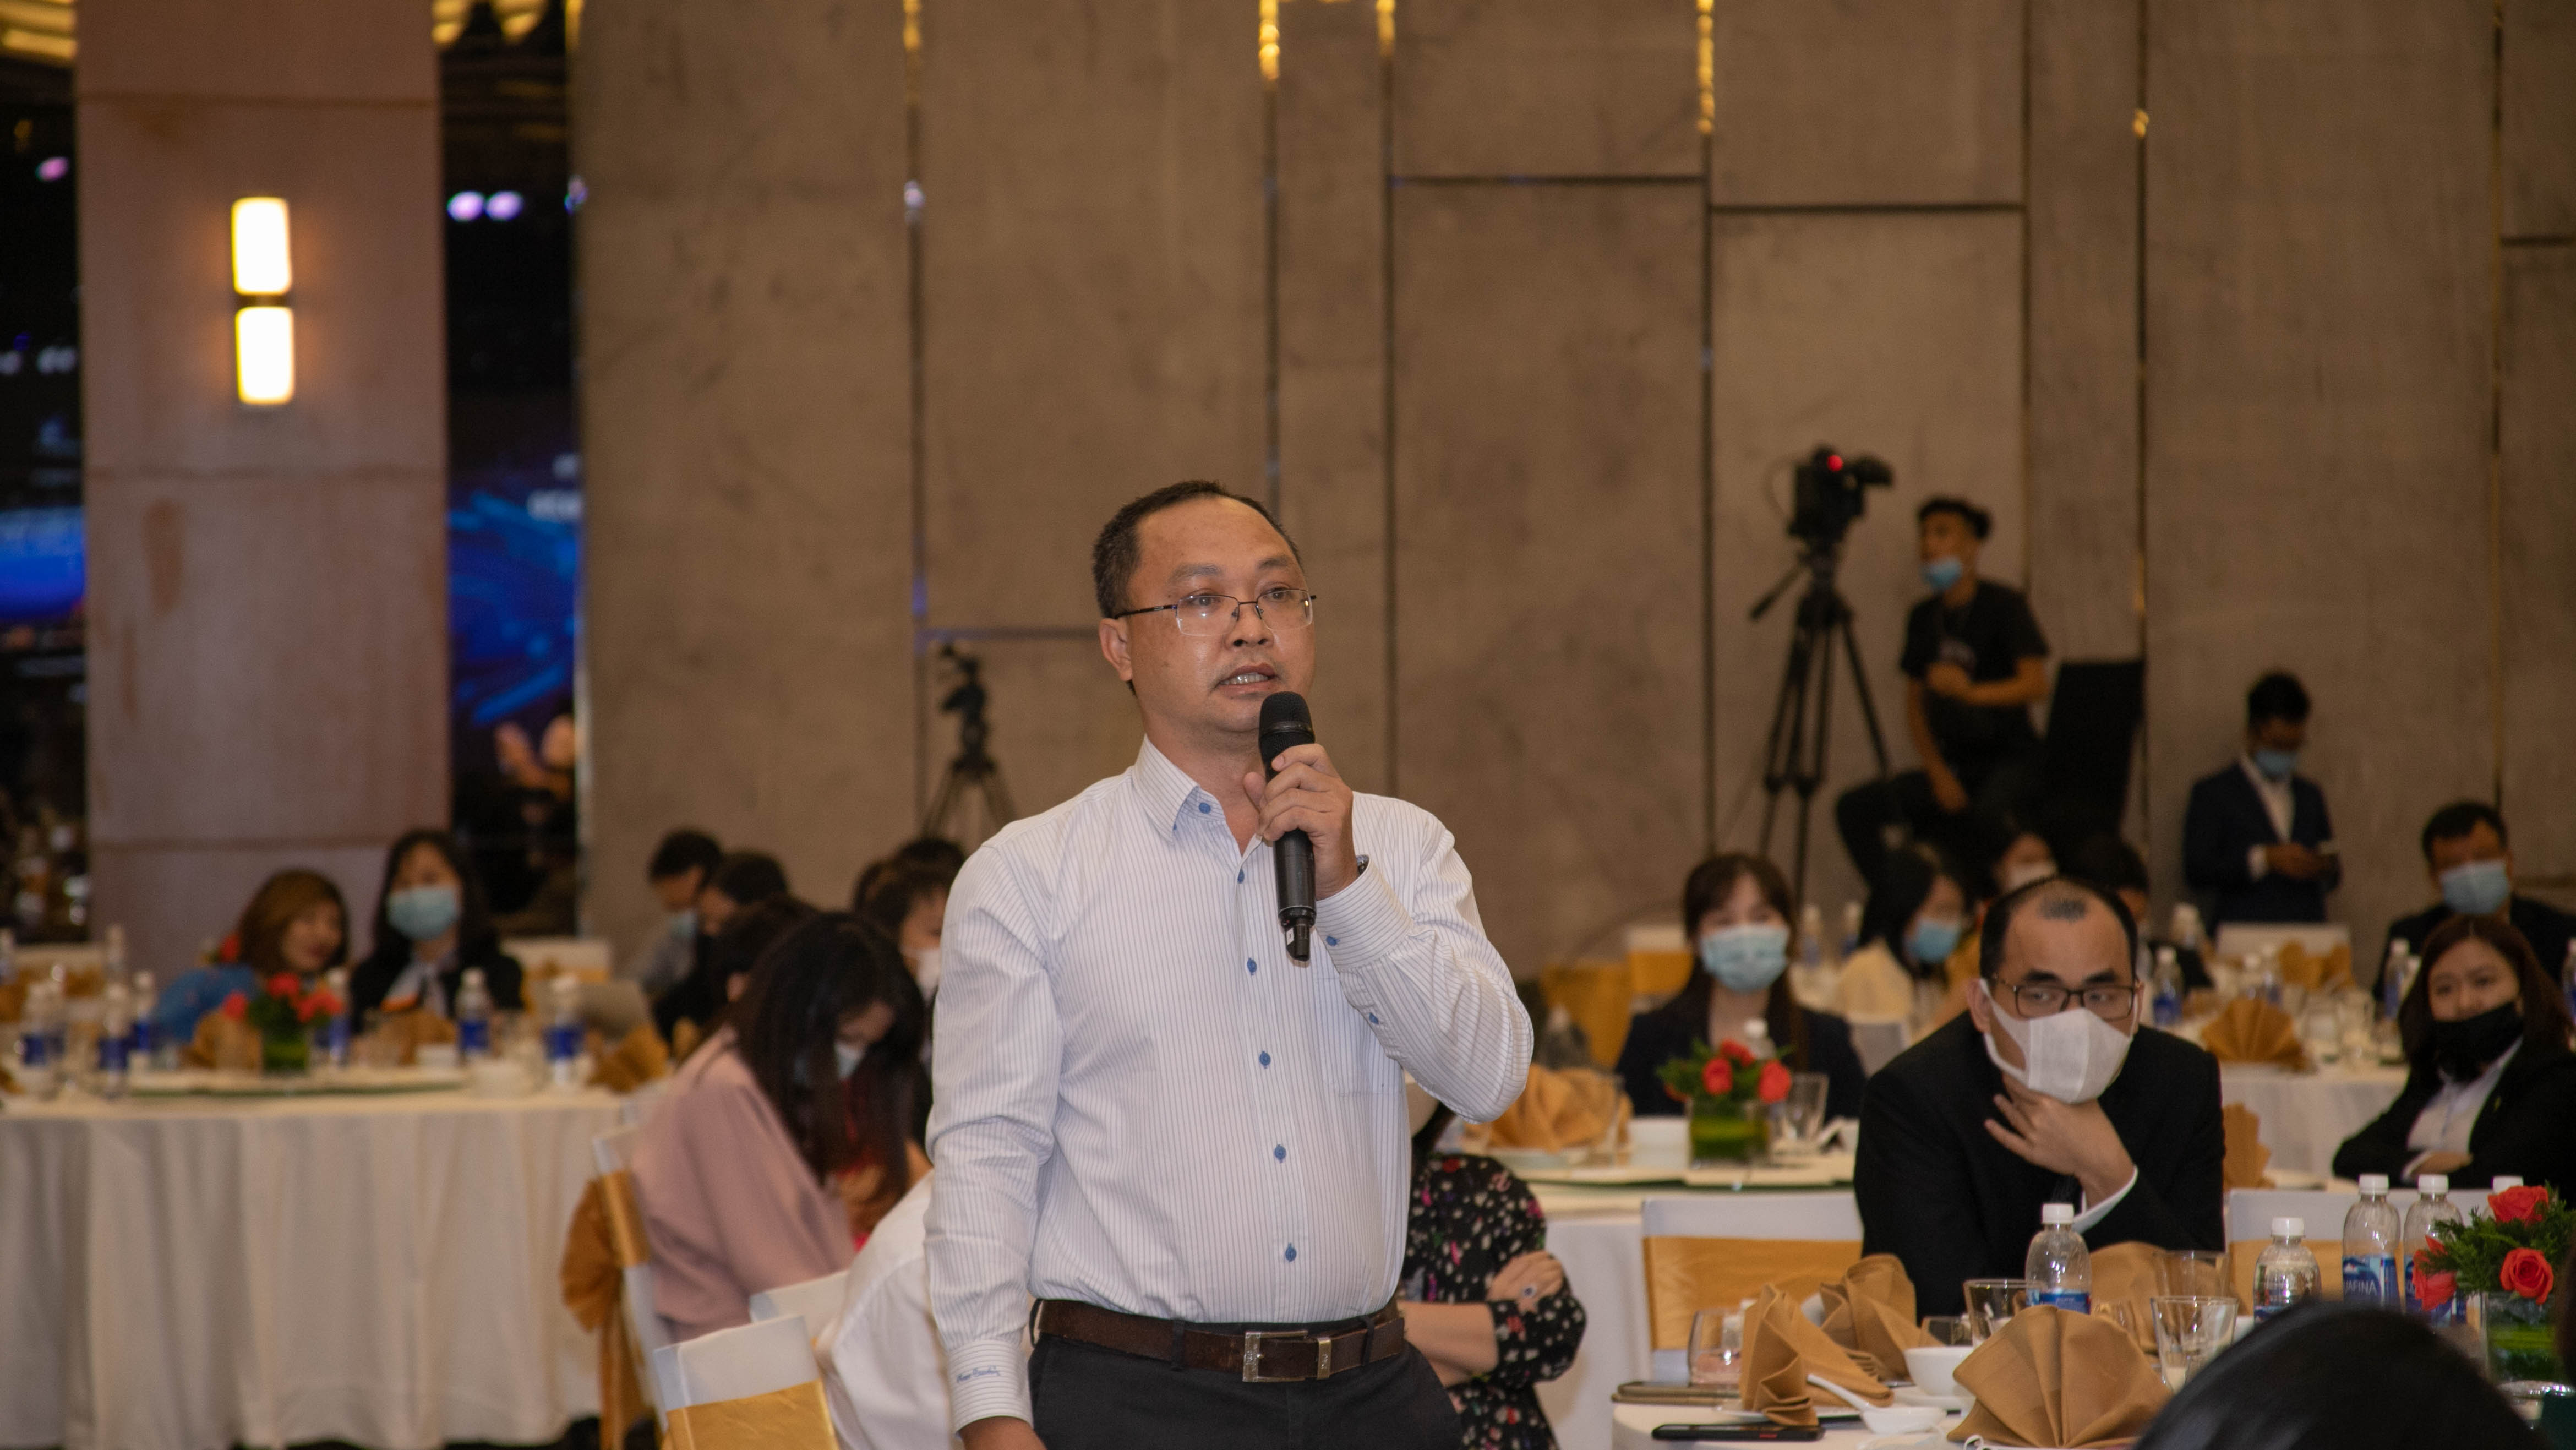 https://www.aravietnam.vn/wp-content/uploads/2020/12/IMG_8608.jpg